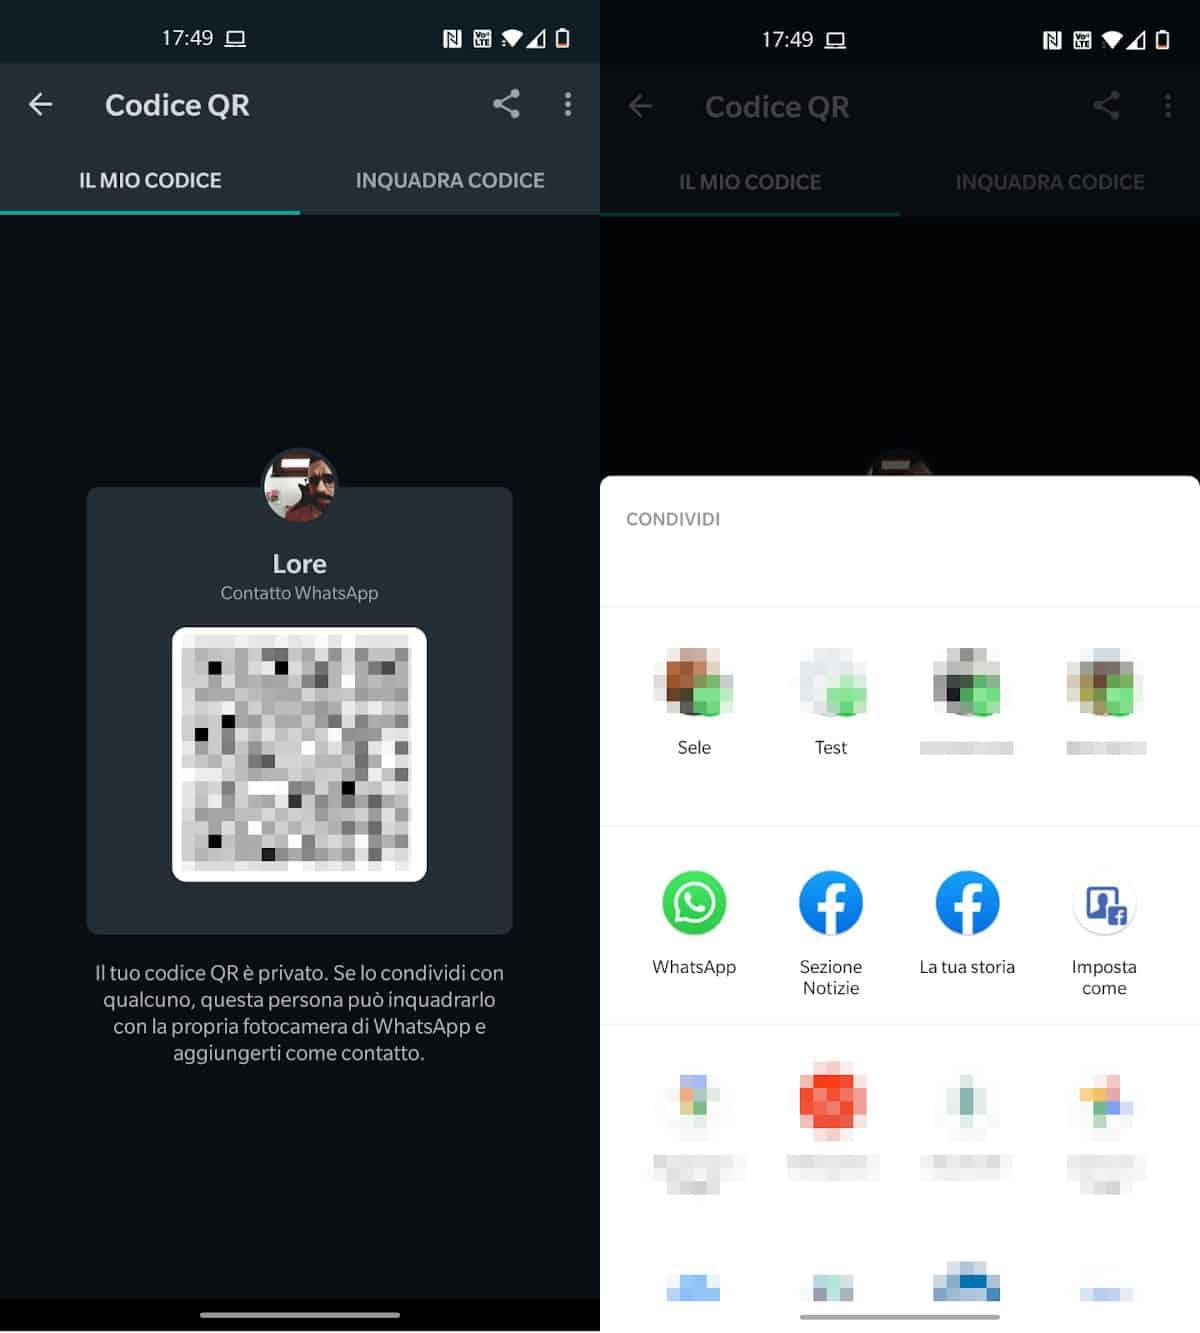 condivisione codice QR profilo WhatsApp